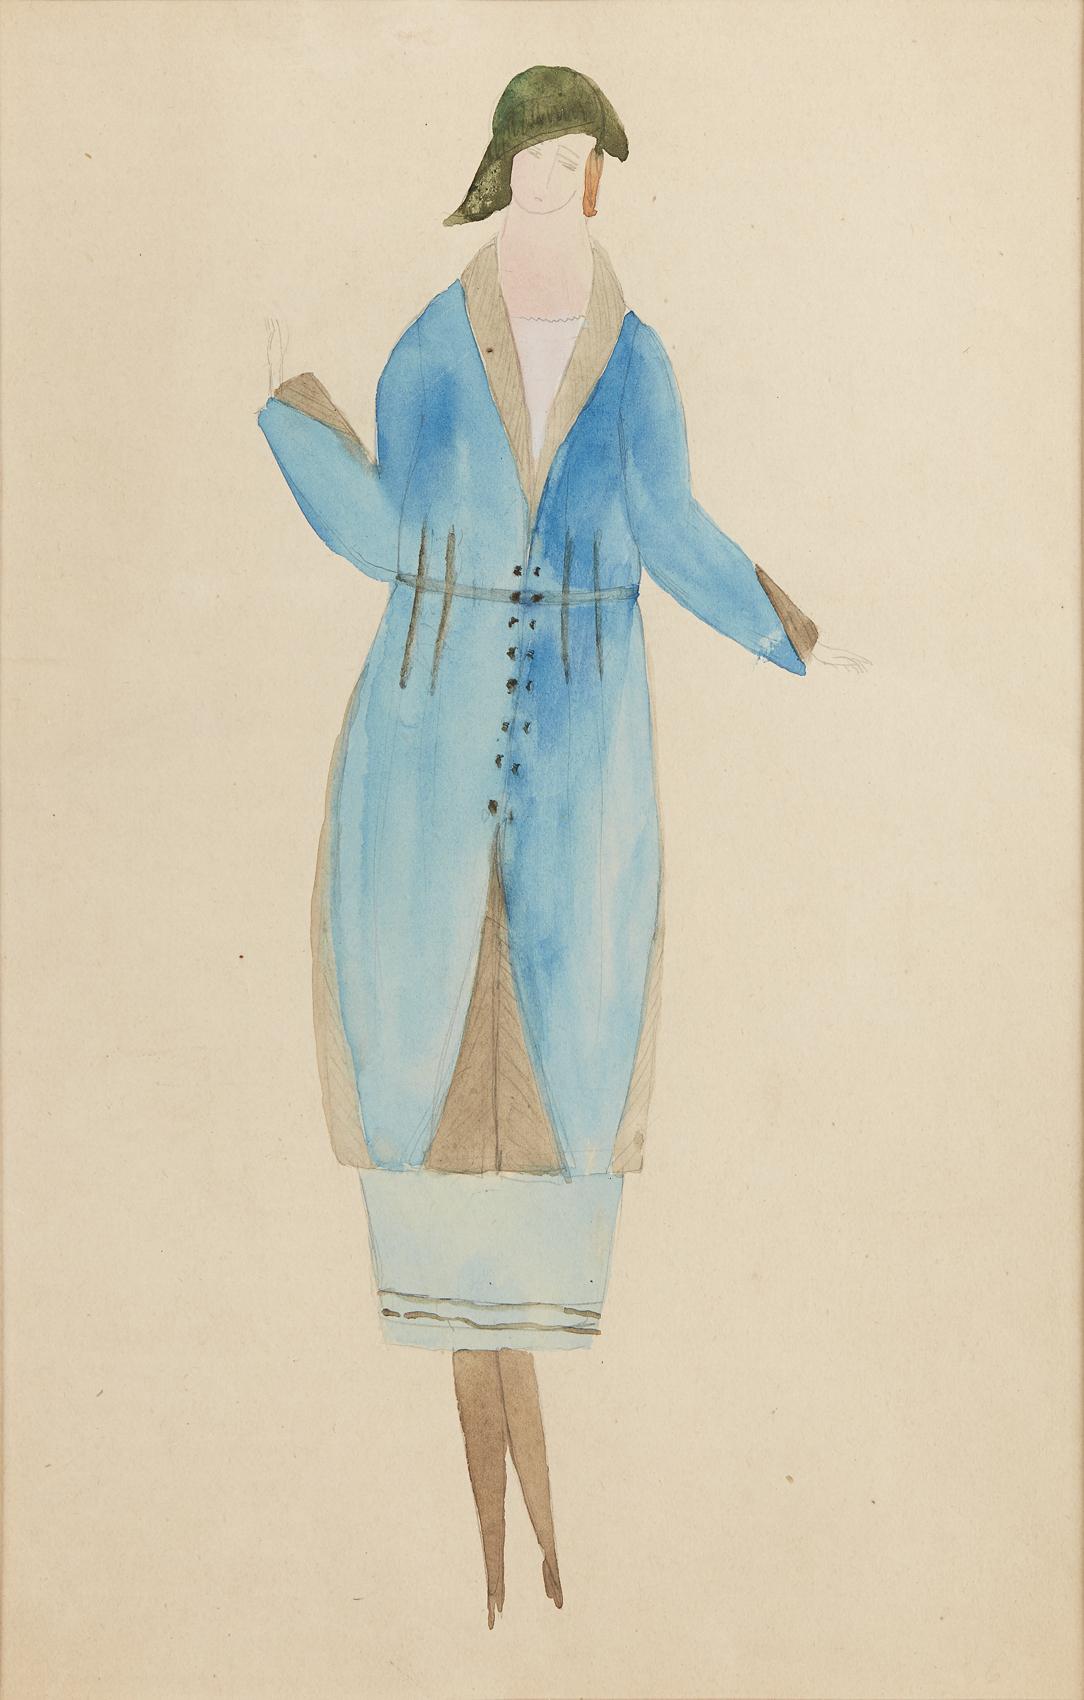 Siri Derkert   Blå kappa och kjol med detaljer i grått fårskinn  1917-21 Watercolor 29 x 19,5 cm